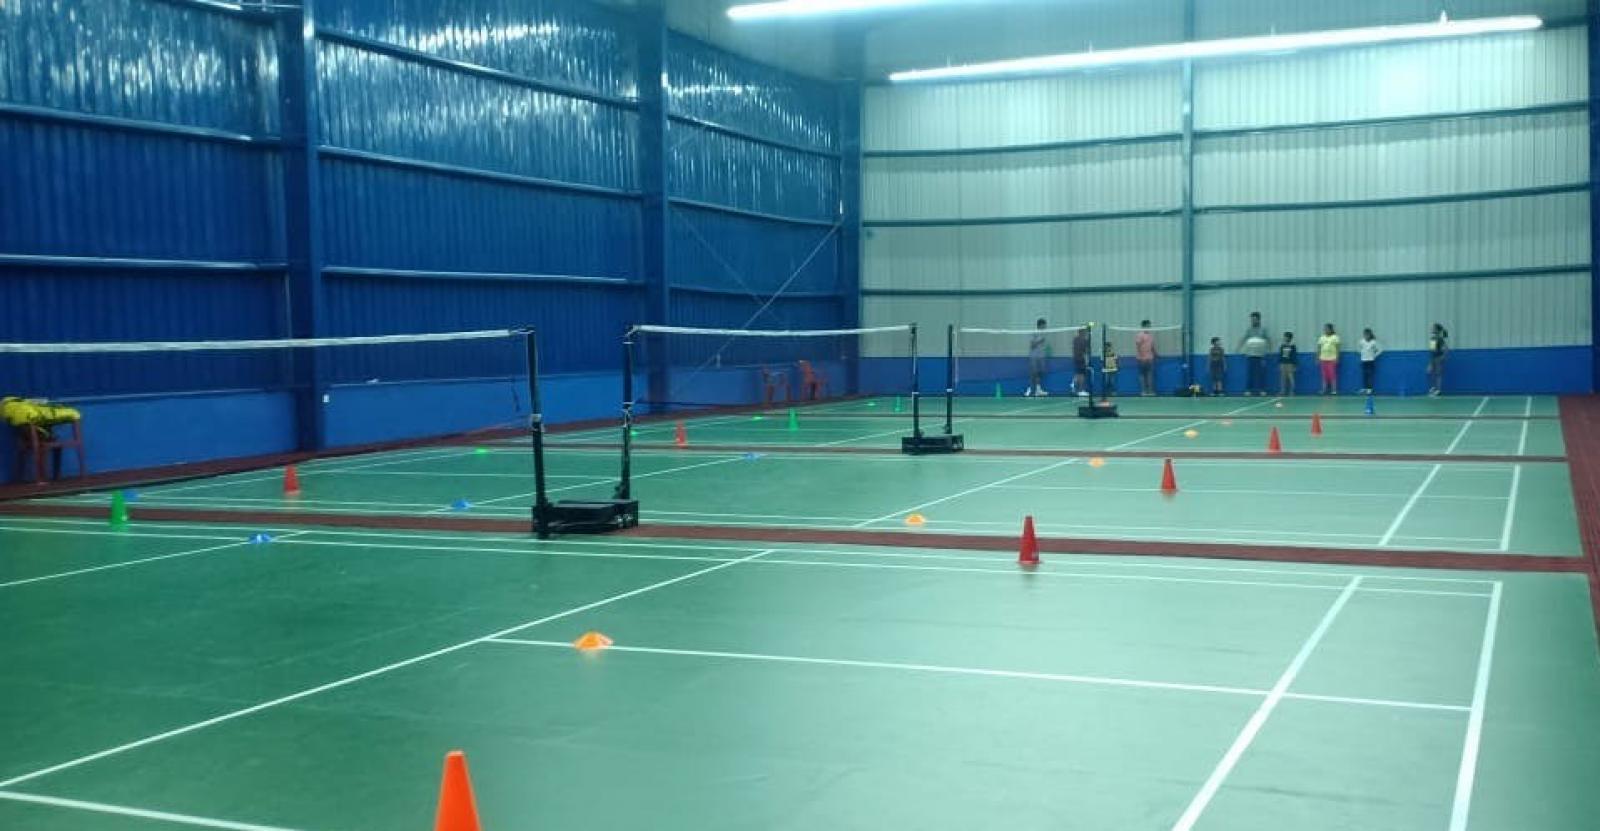 Rio Badminton Arena - GW Sports App